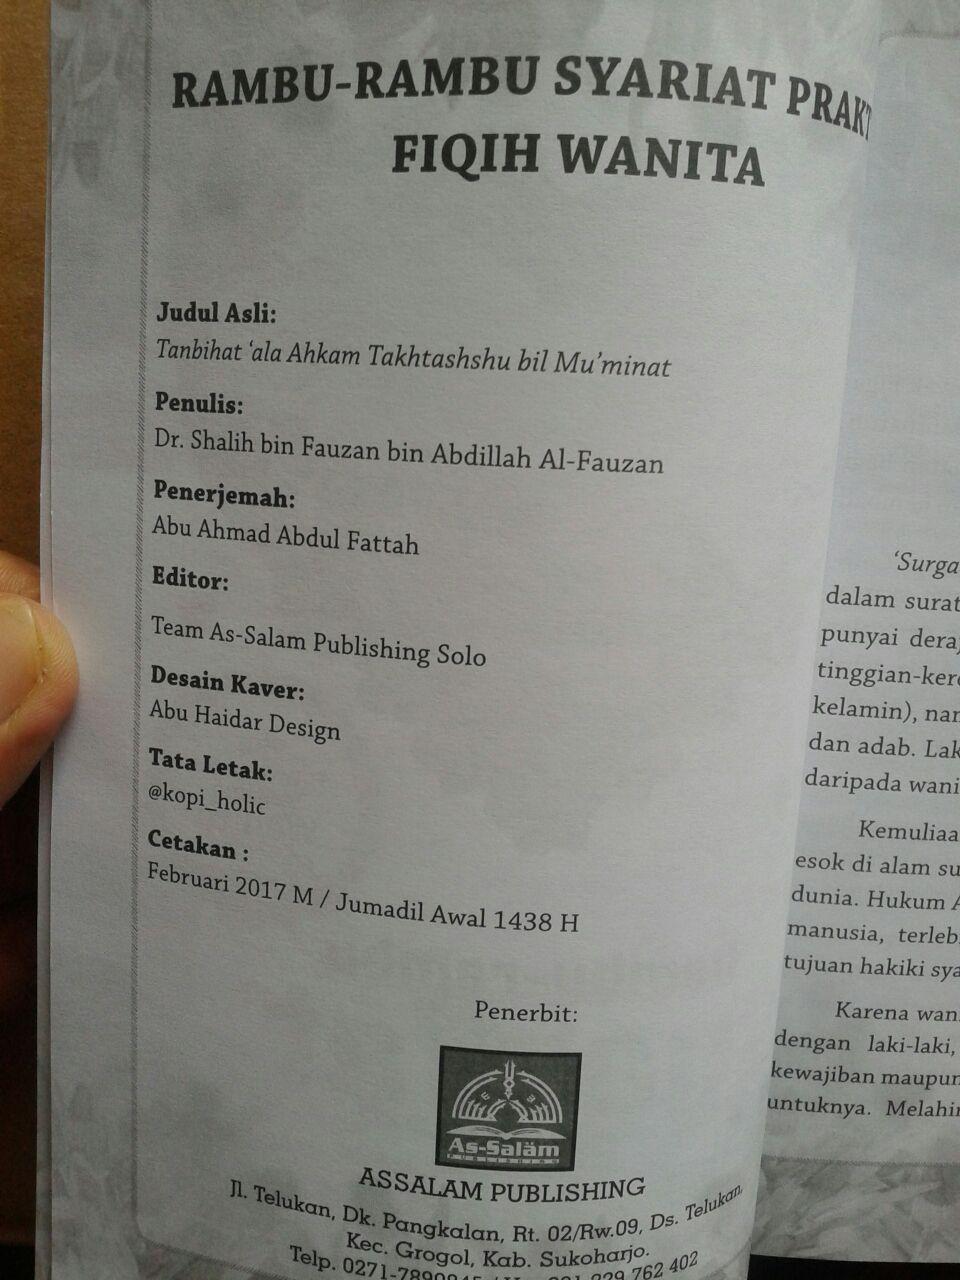 Buku Rambu-Rambu Syariat Praktis Fiqih Wanita isi 4